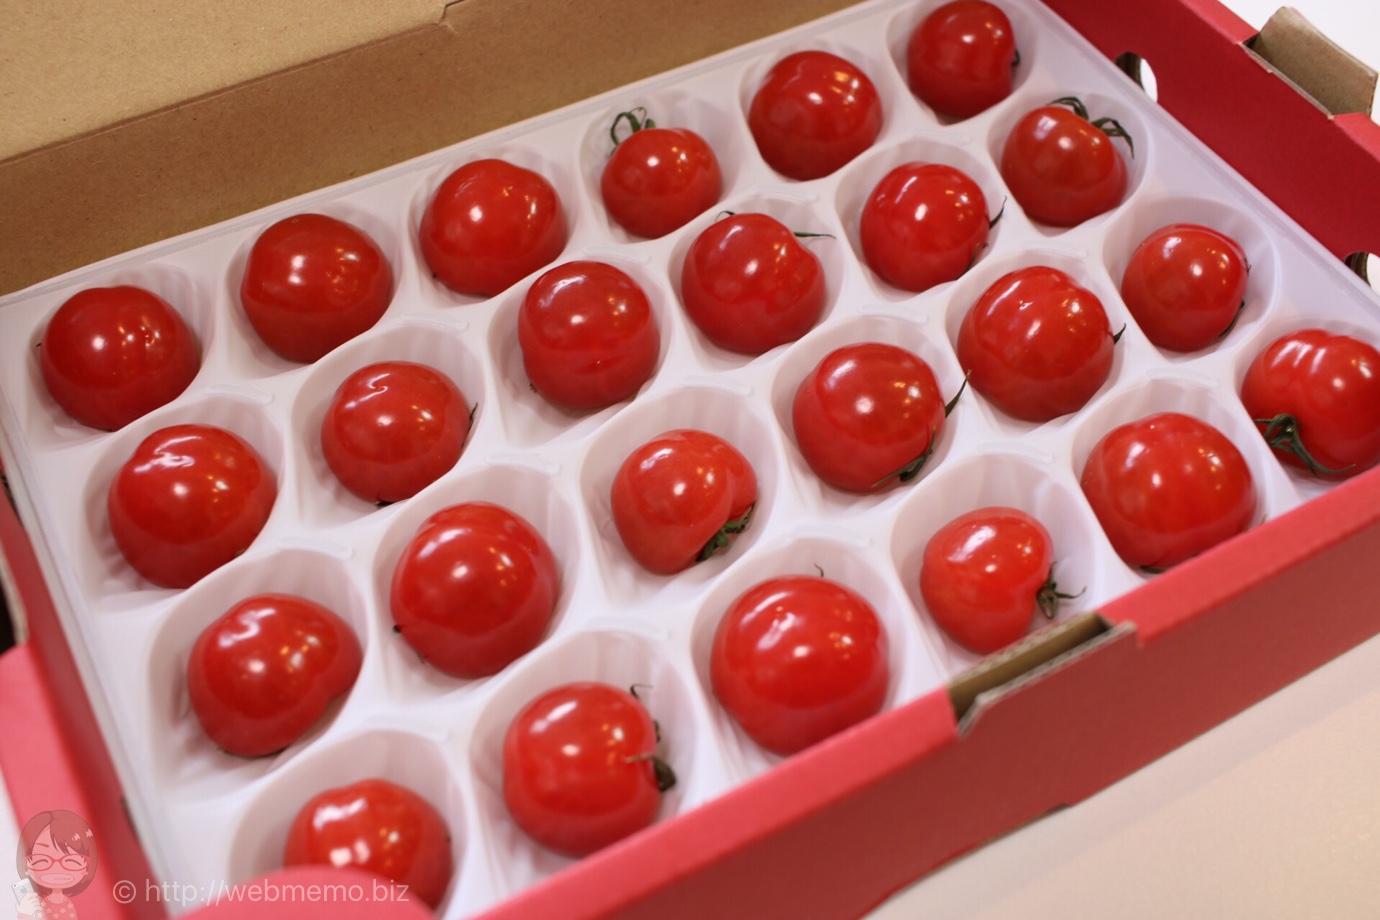 こっそり農遠で届いた「ジュリエッタ」は食感も味も別格!希少・高級ミニトマトを安く体験